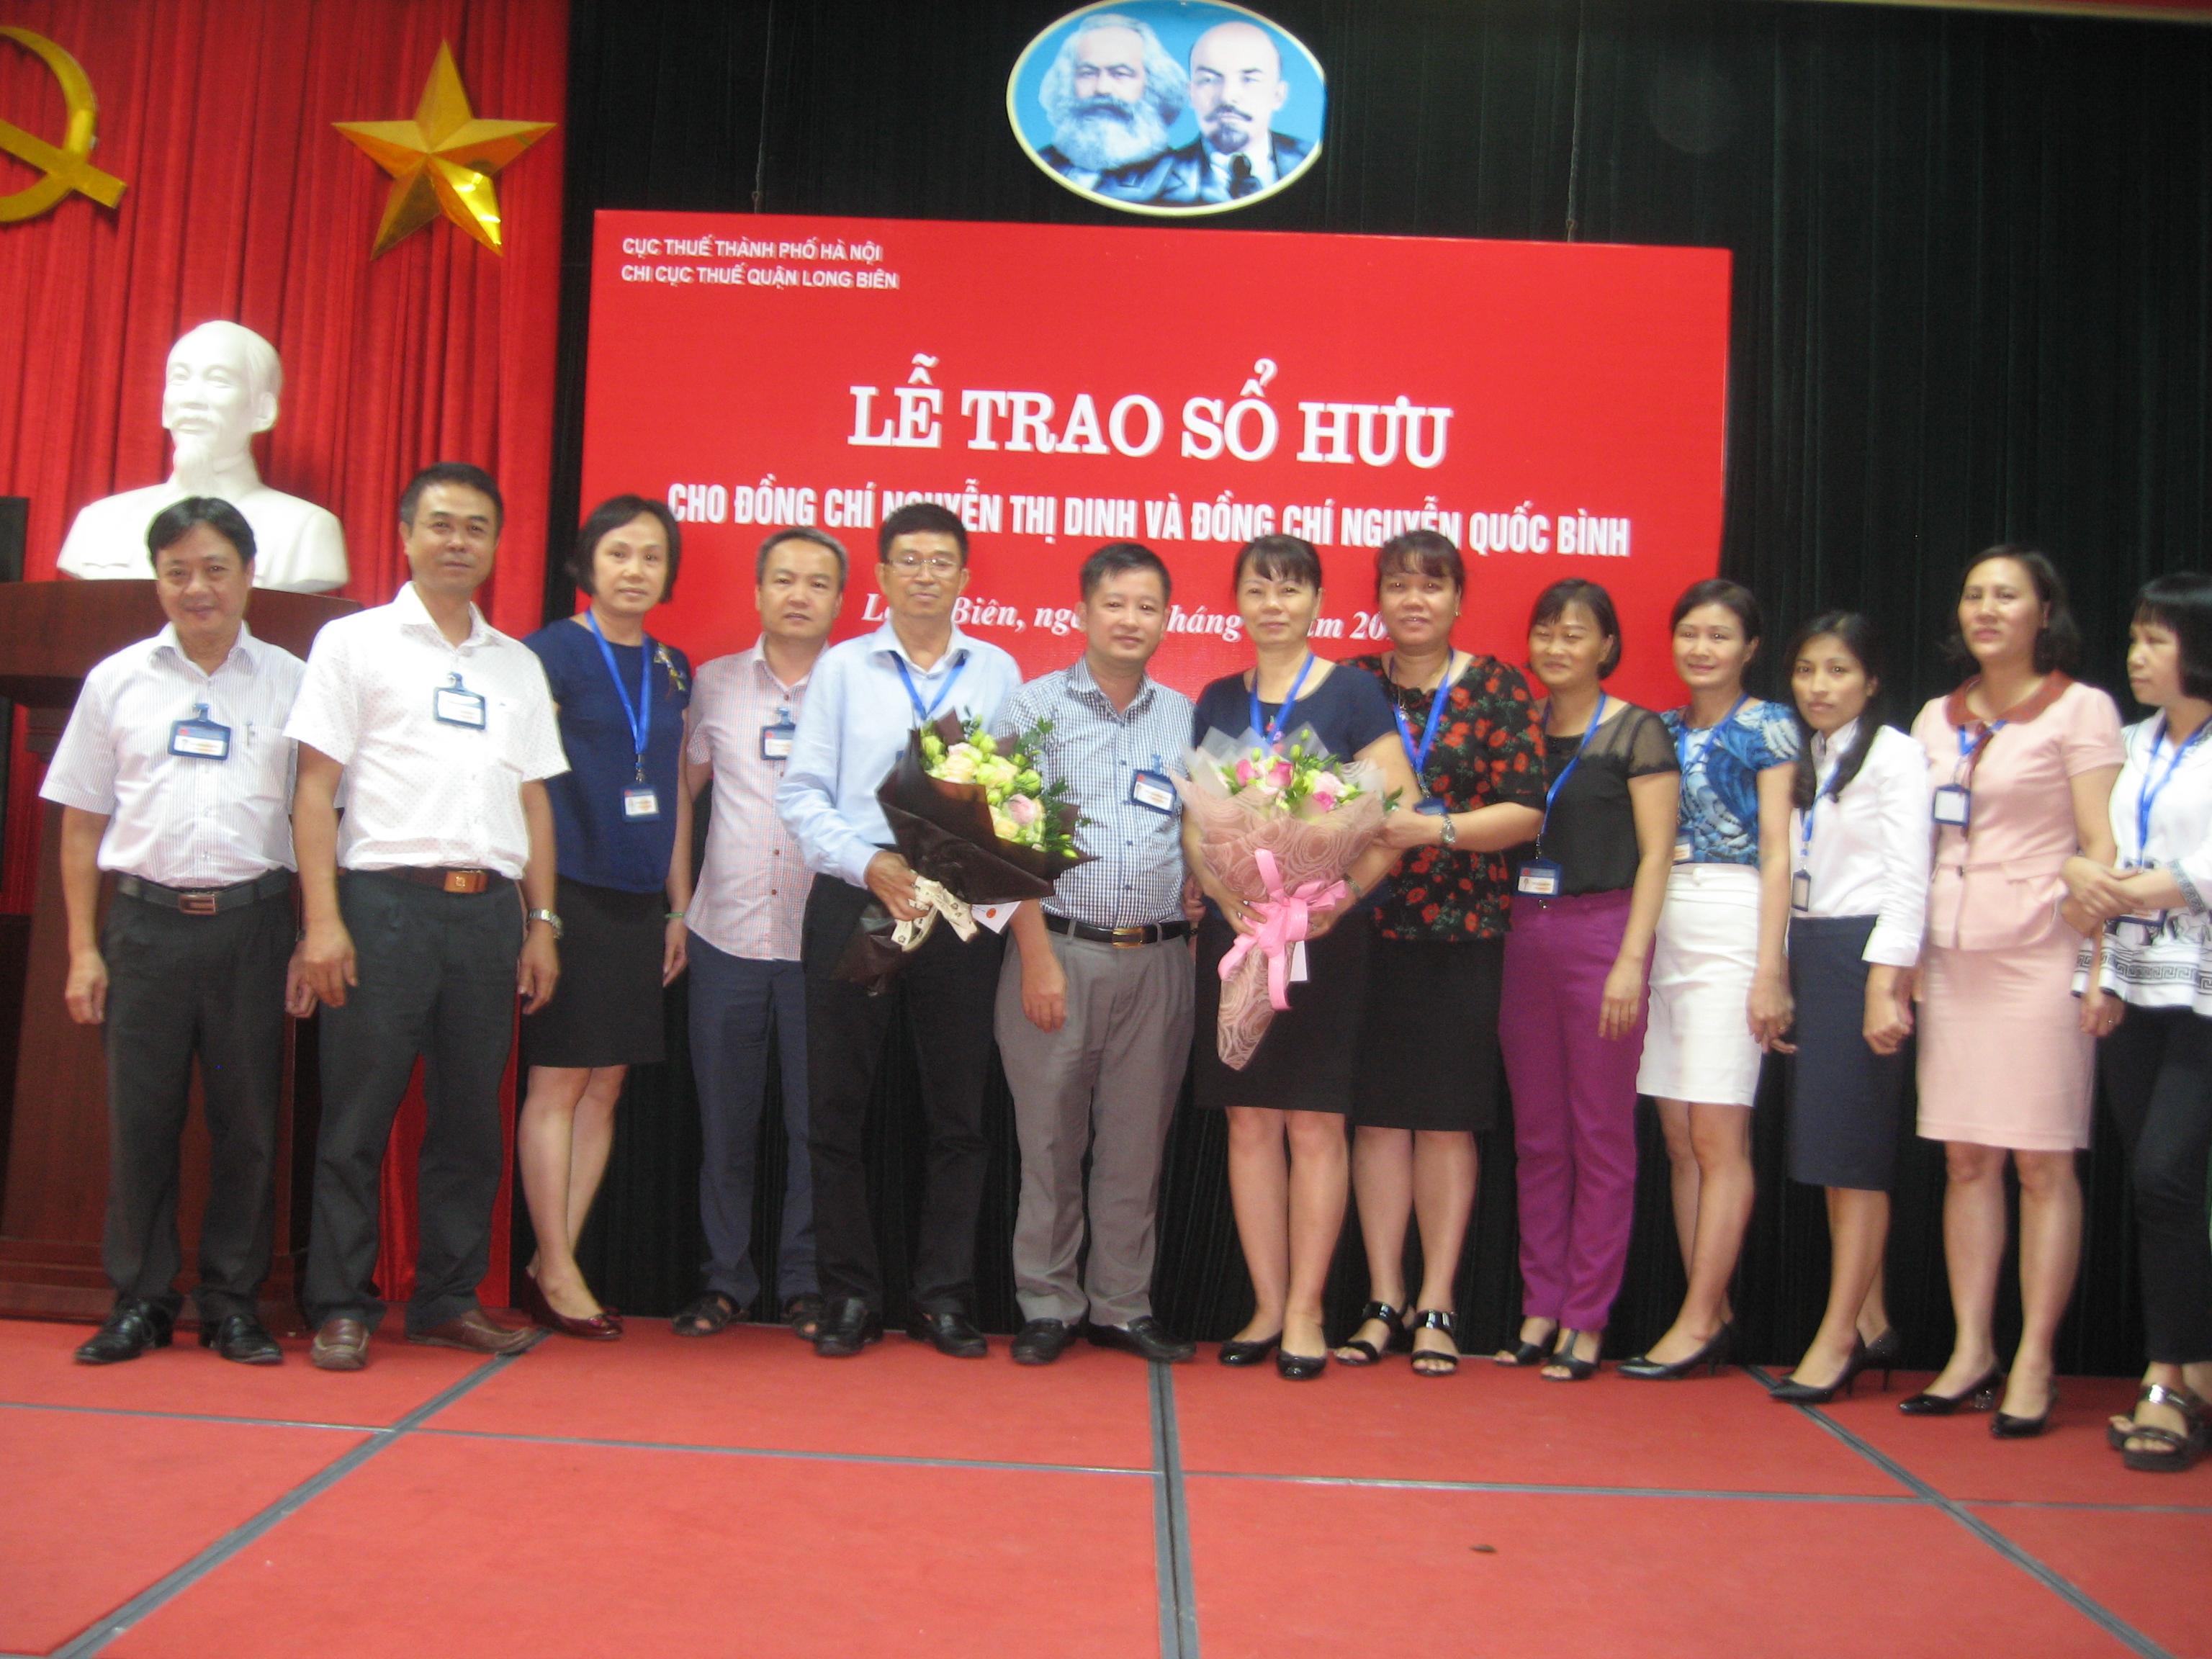 Buổi lễ trrao sổ hưu cho đc Nguyễn Thị Dinh và đc Nguyễn Quốc Bình .JPG